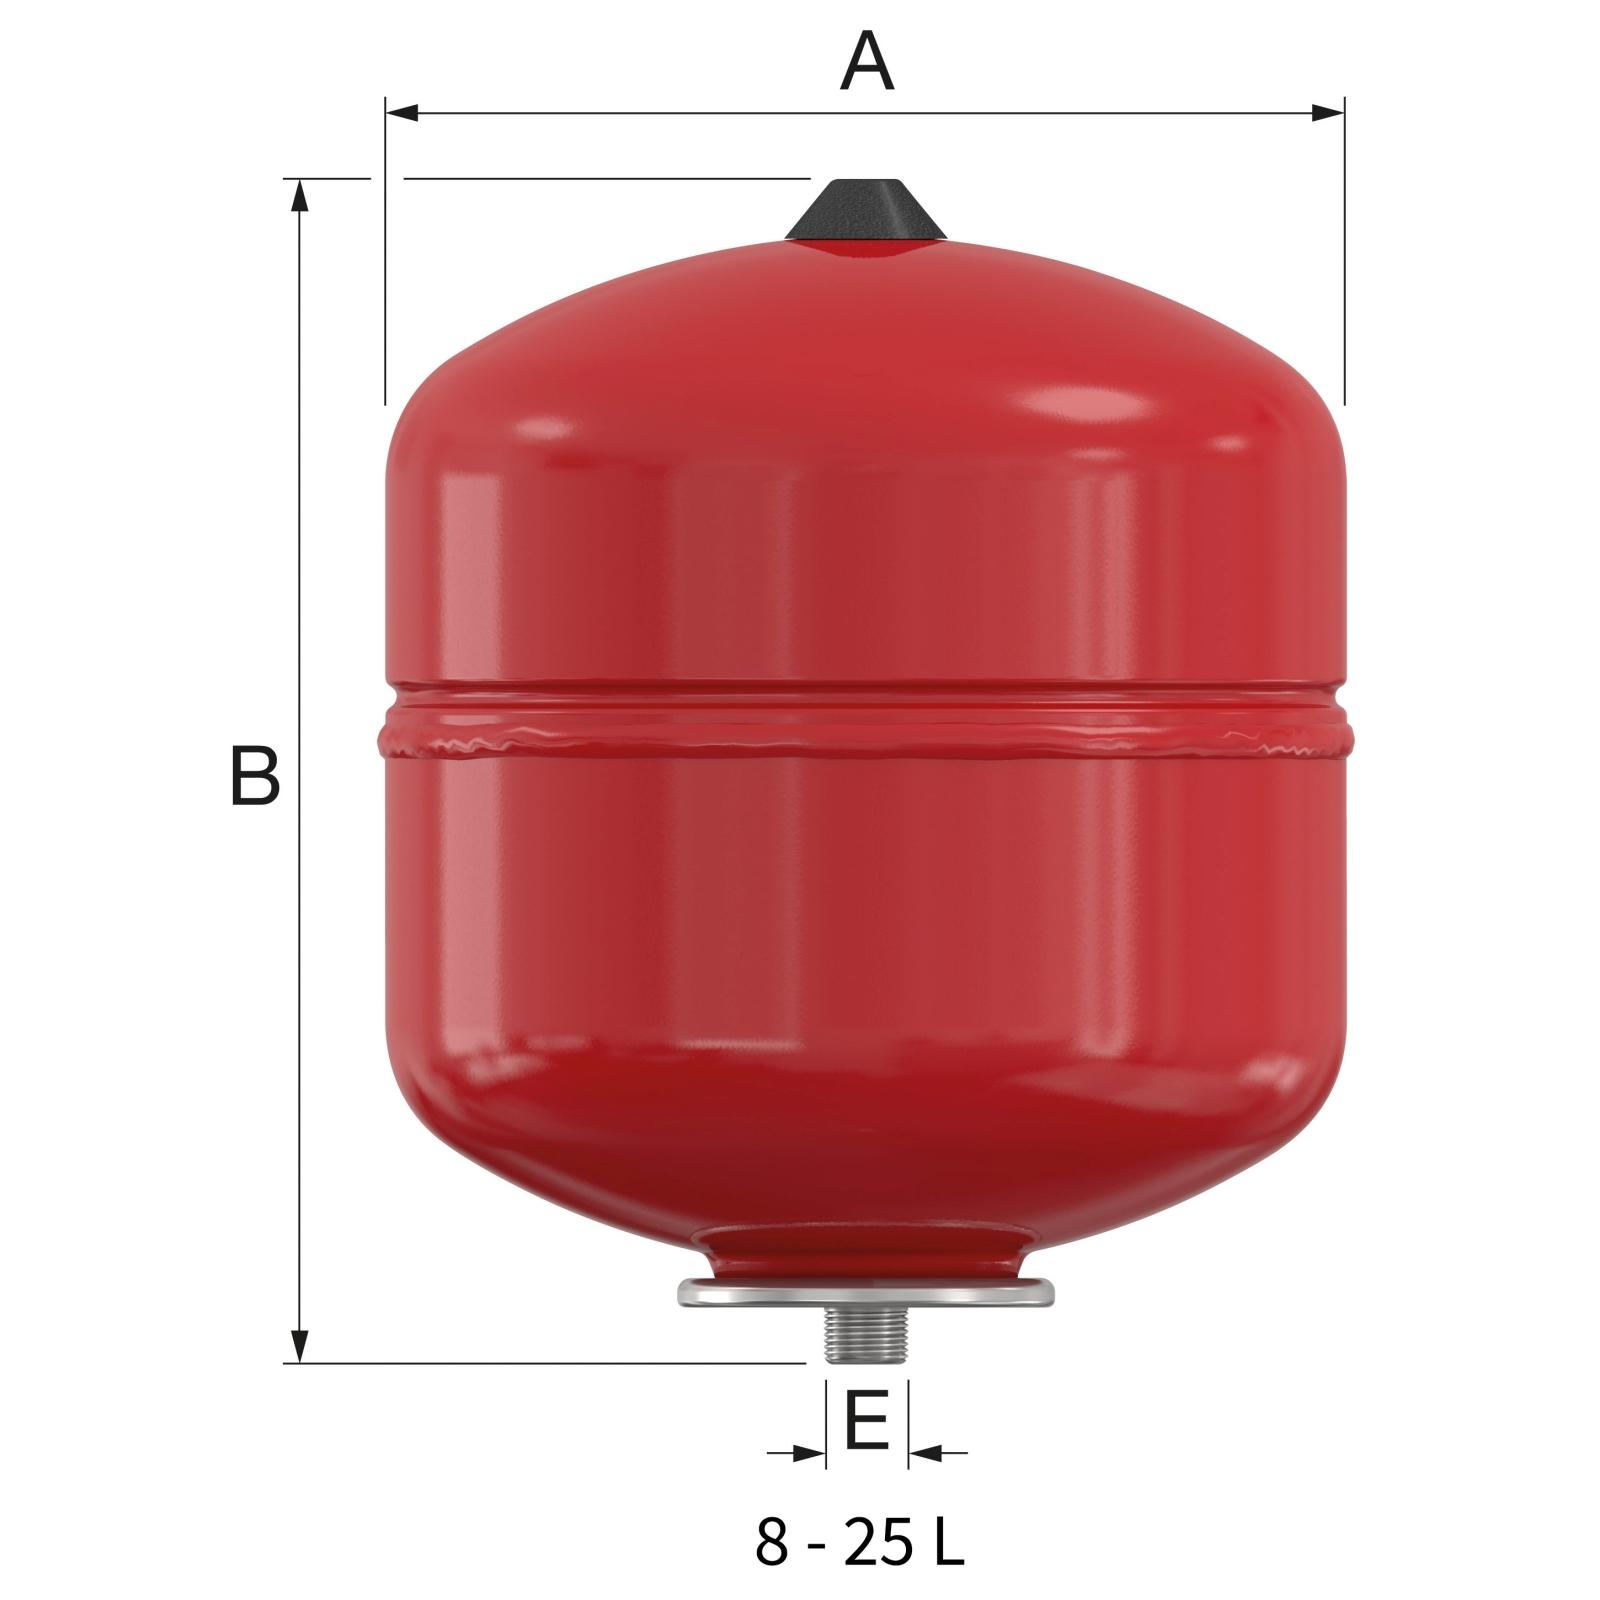 Flamco Baseflex fűtési tágulási tartály 18/1,5 bar fali (25302) műszaki ábra